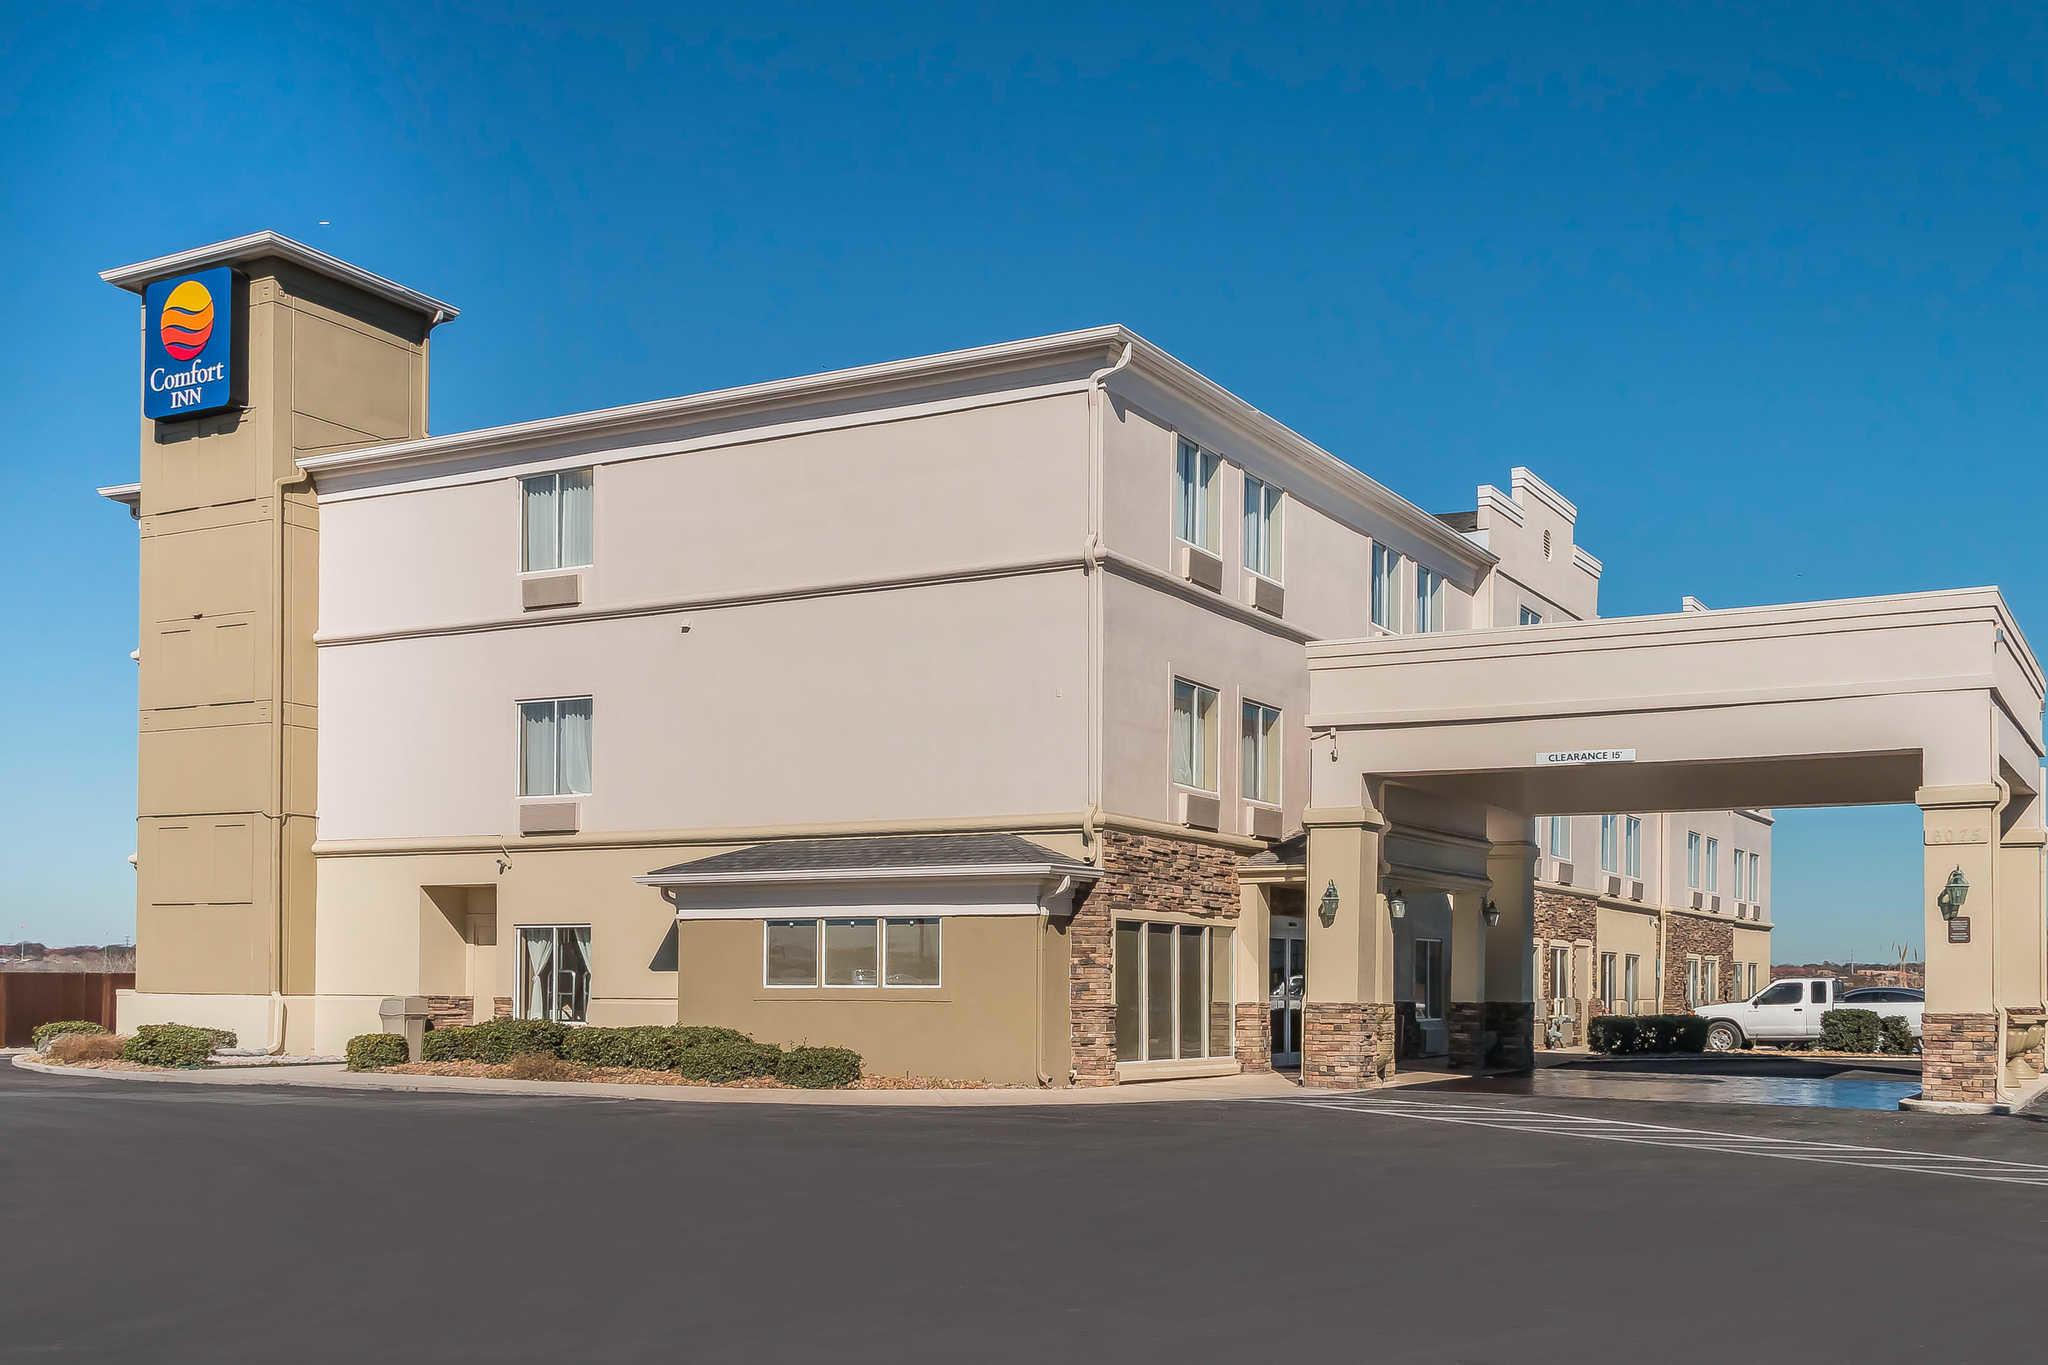 Comfort Inn I-10 EAST Near AT&T Center image 0